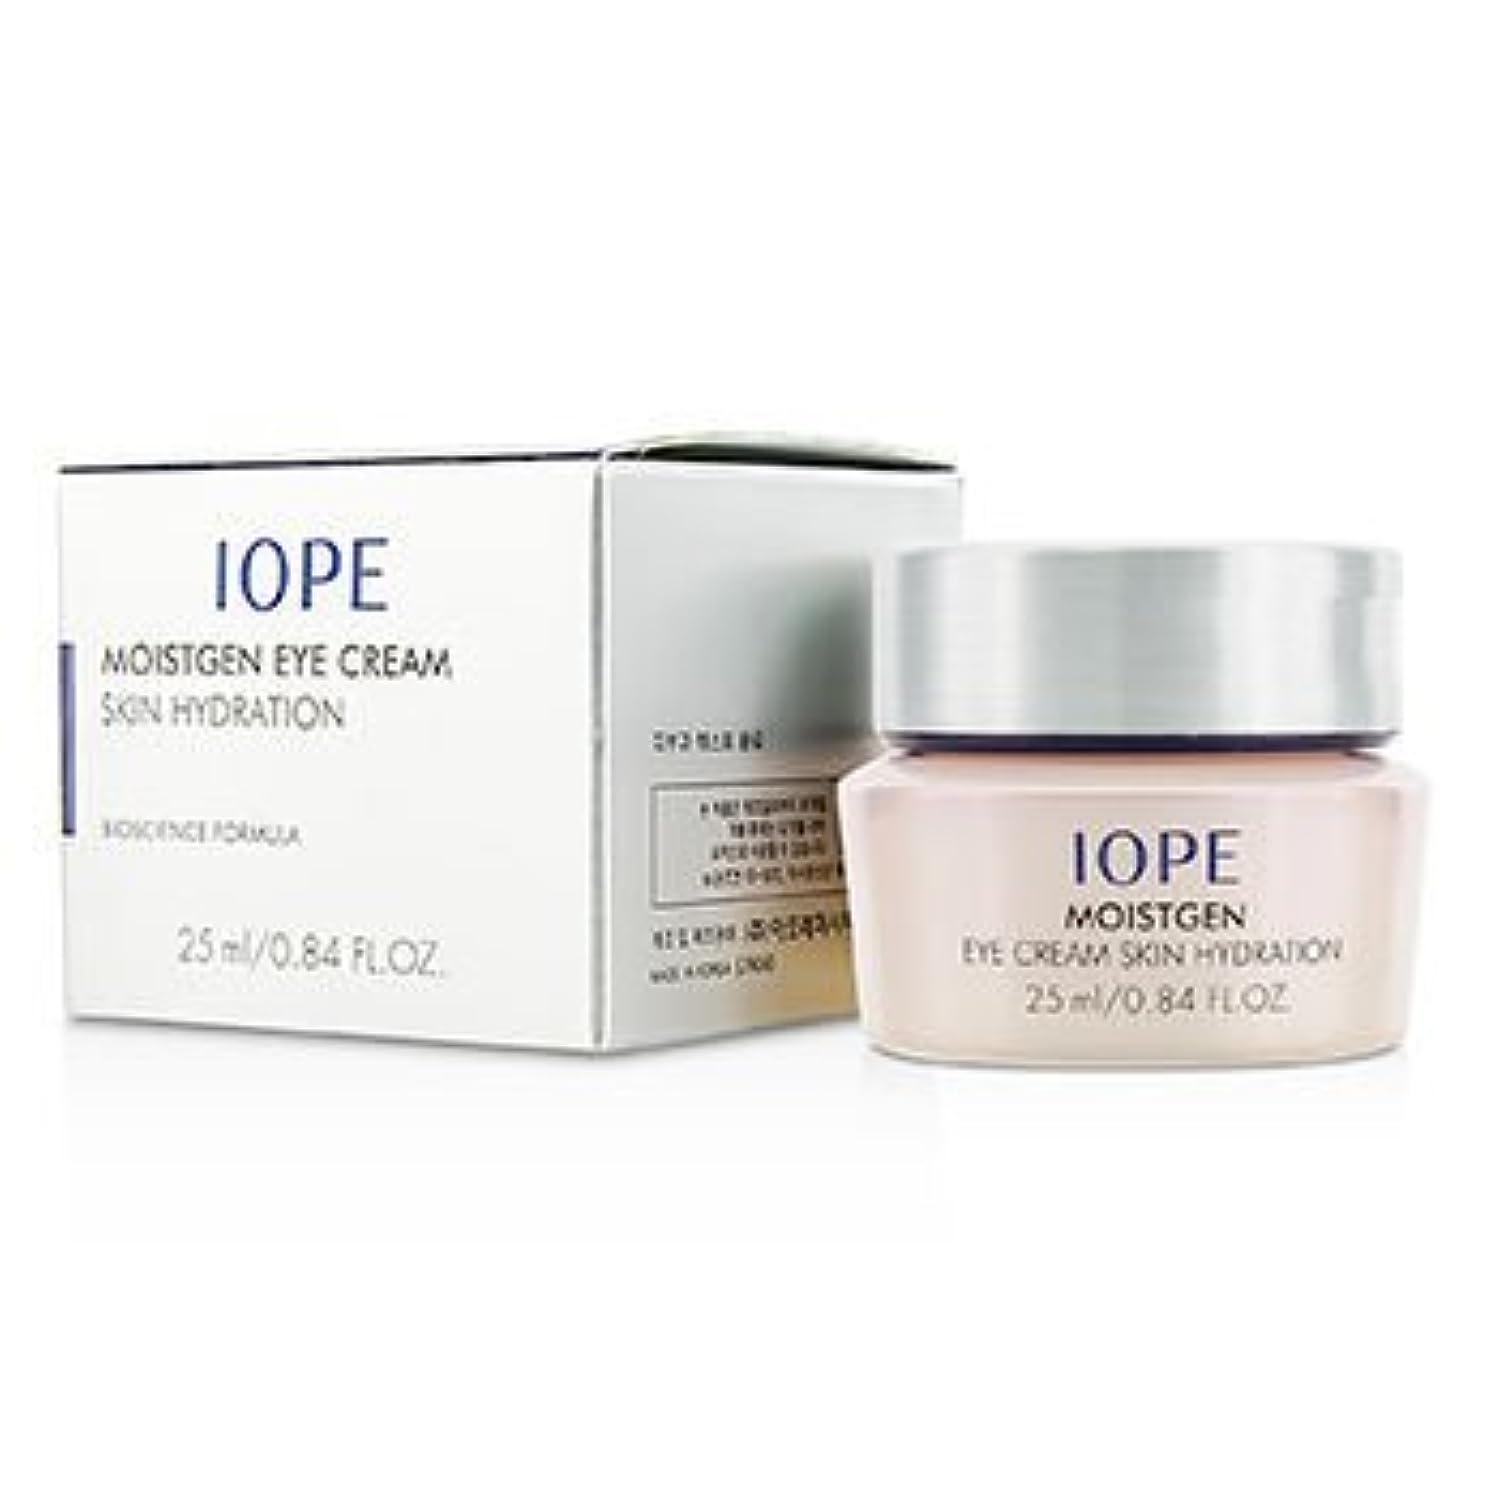 ヘクタールブリッジ速い[IOPE] Moistgen Eye Cream Skin Hydration 25ml/0.84oz